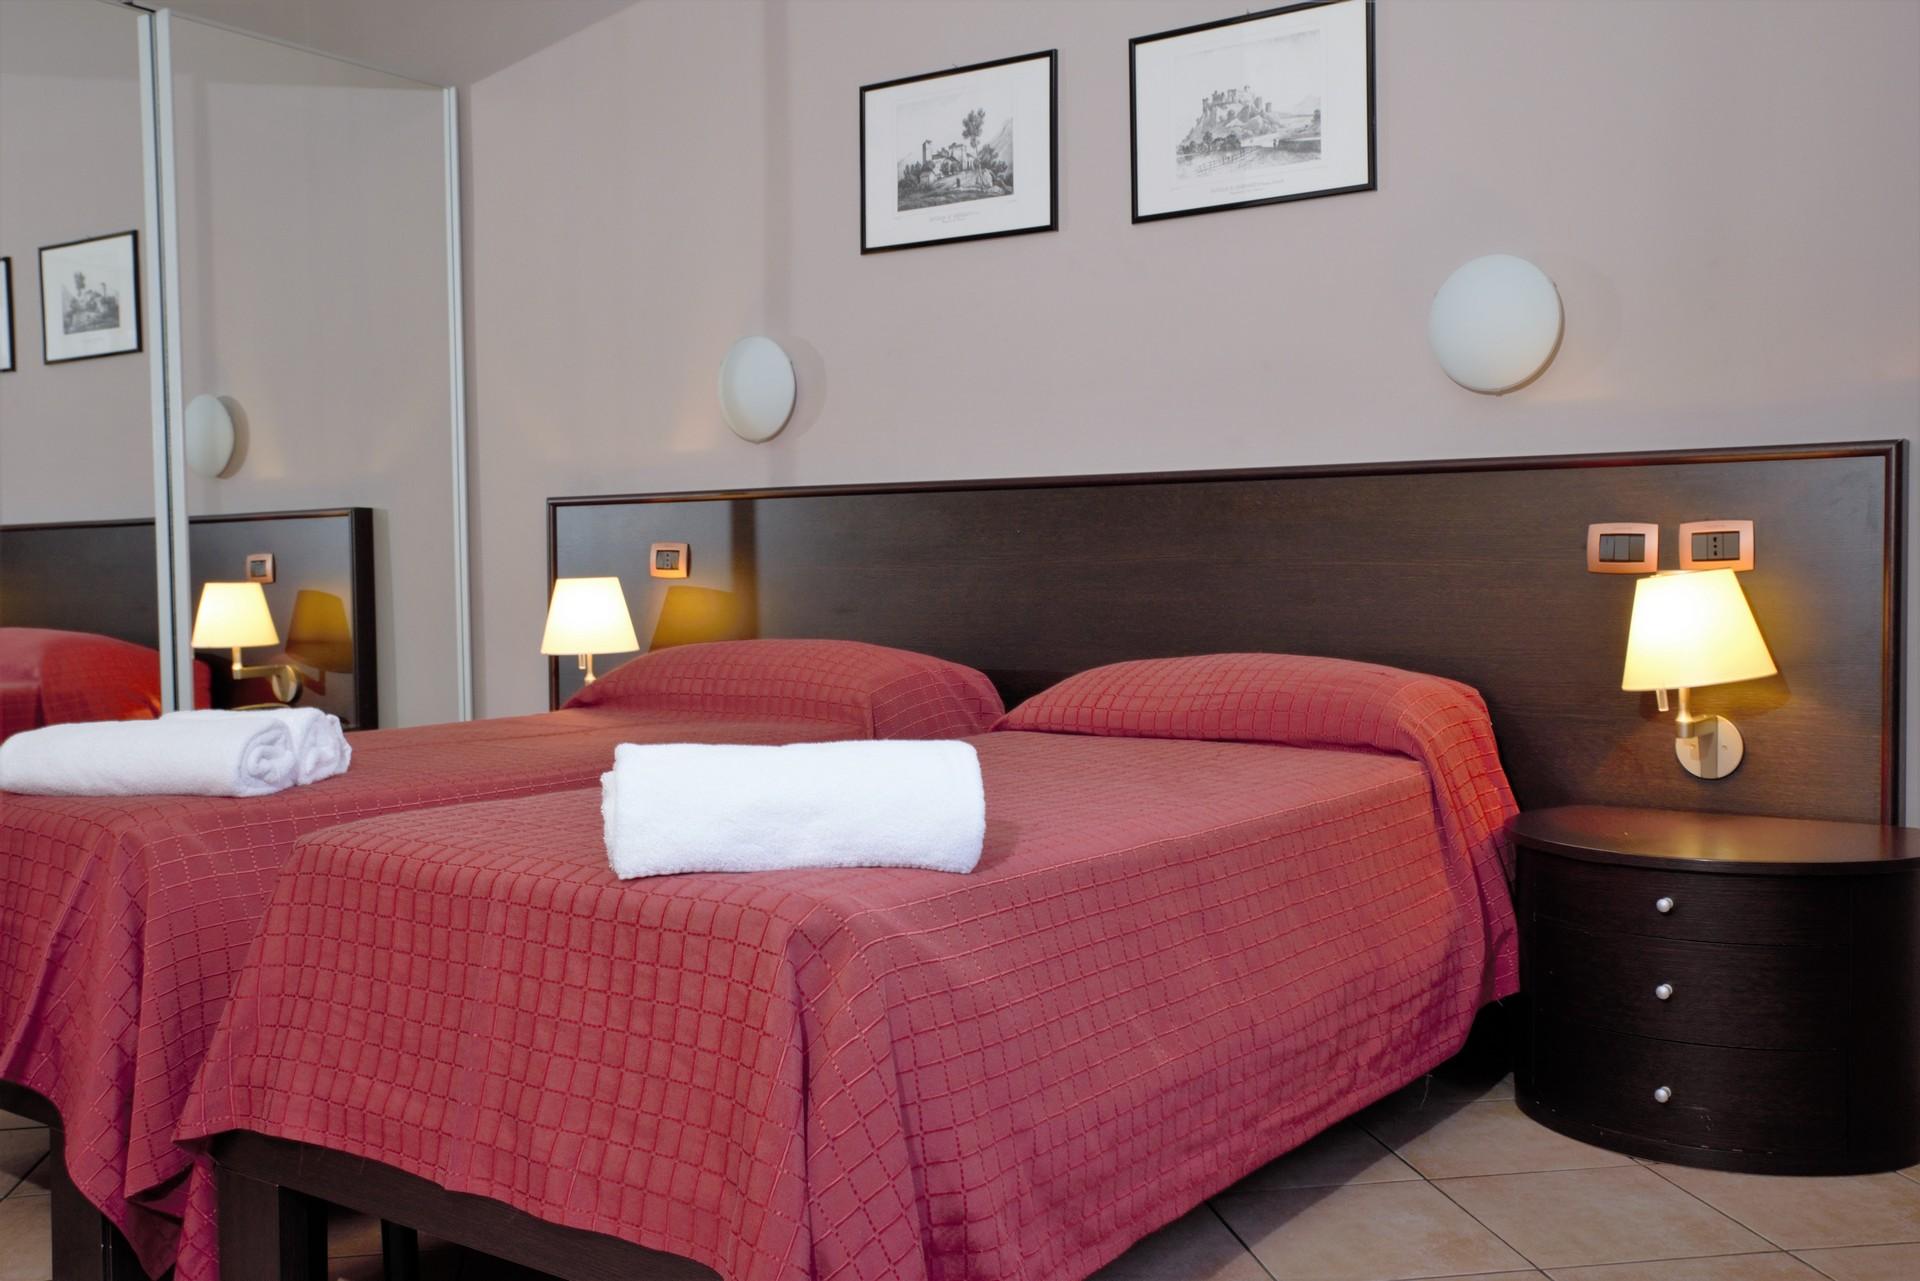 Camera Matrimoniale A Torino.Hotel A Torino Con Camere Grandi Hotel Miramonti